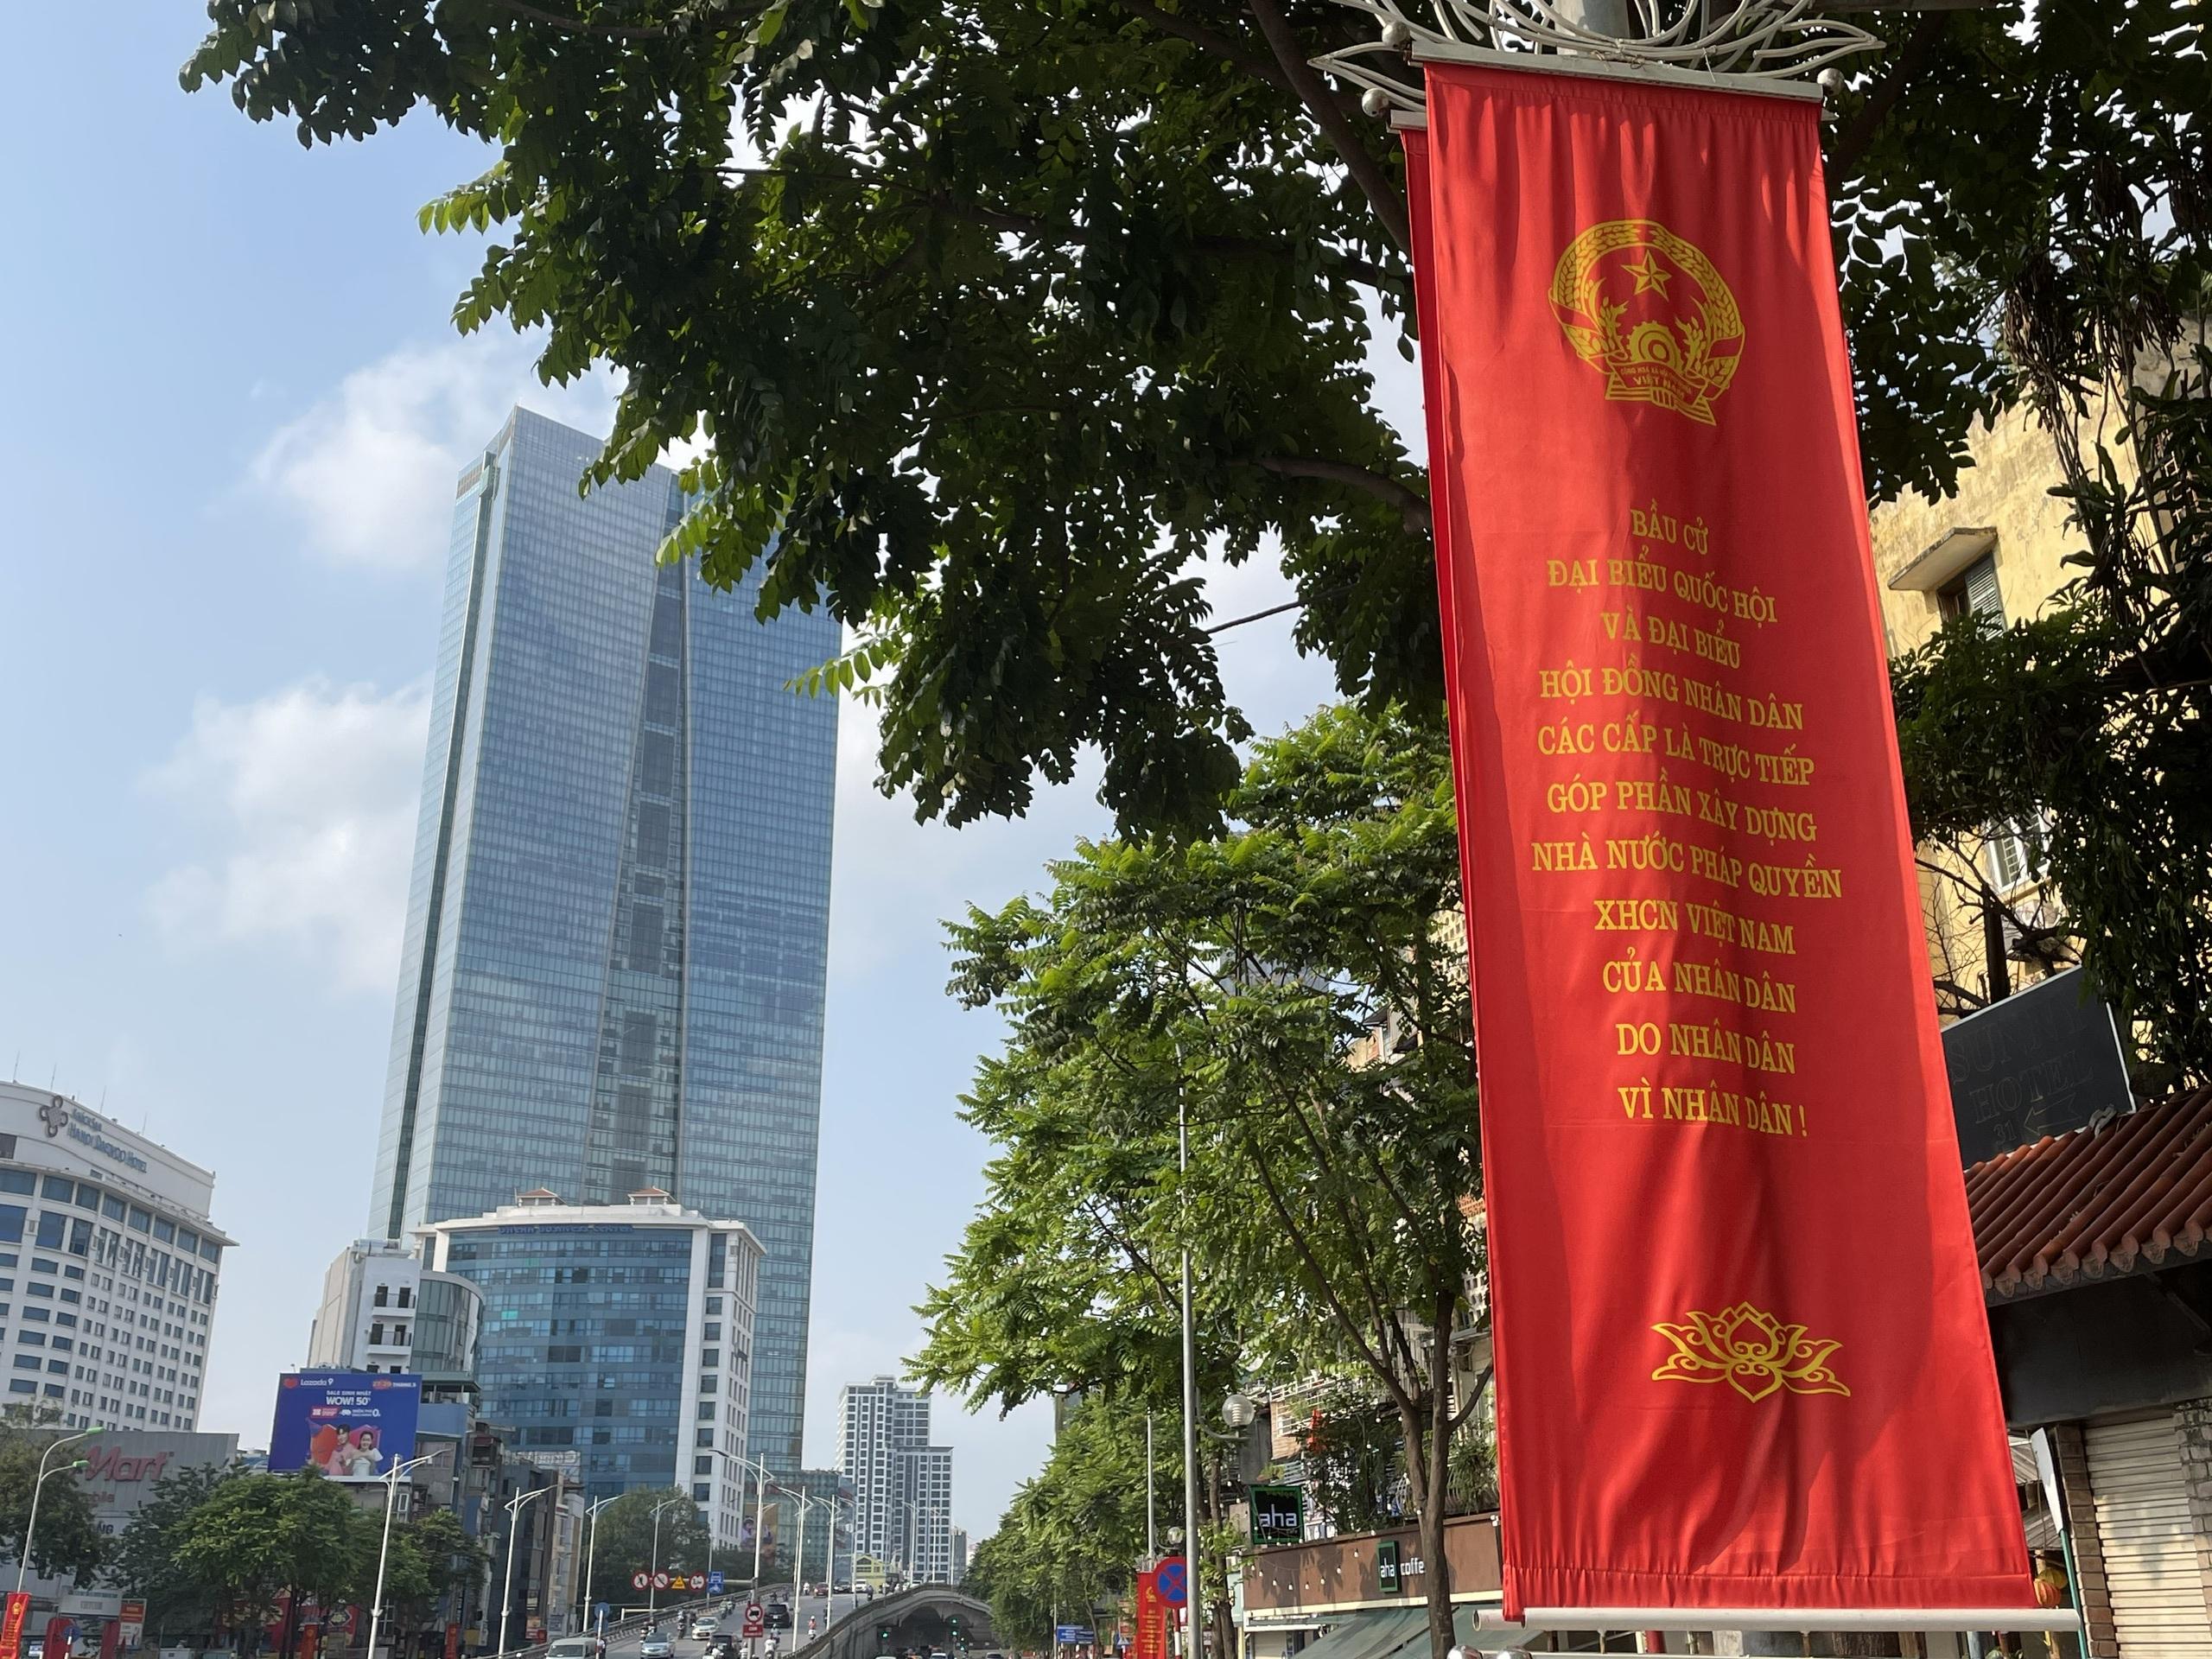 Hà Nội trang trí đường phố chào mừng cuộc bầu cử Đại biểu Quốc hội khóa XV - 6